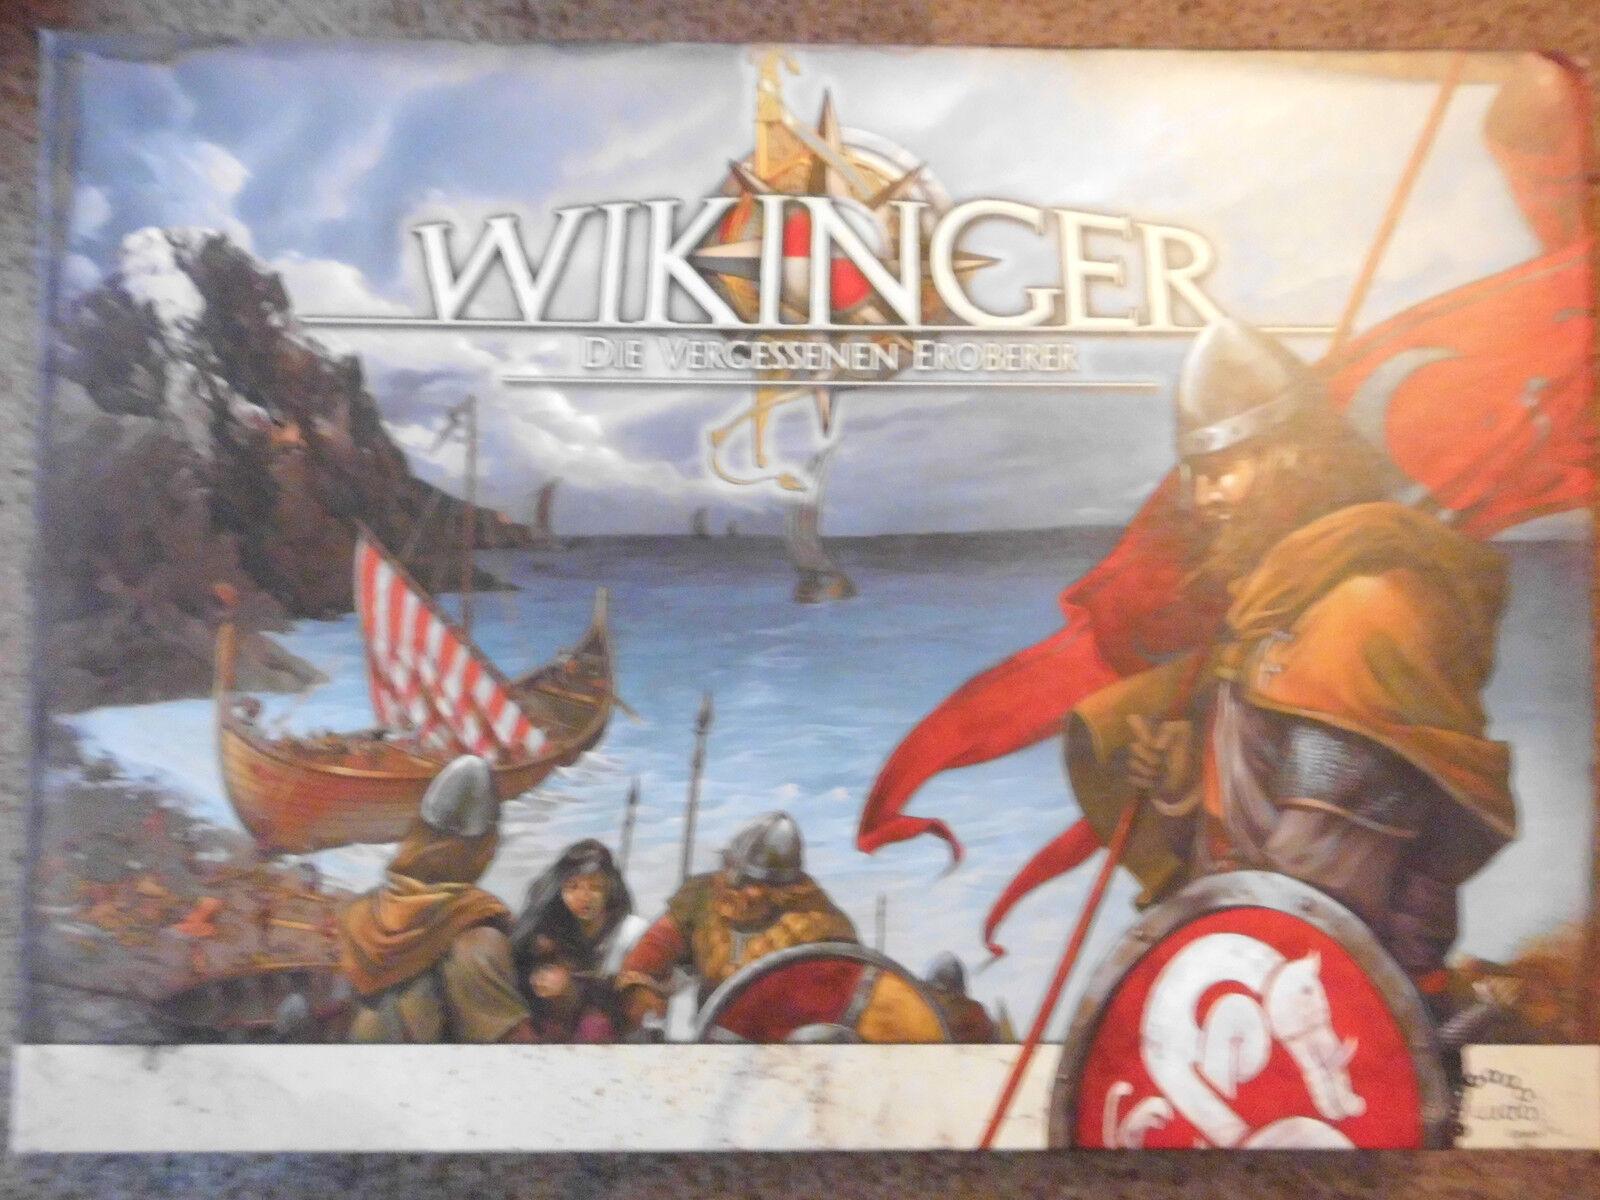 Les Vikings oubliées conquérant Pro Ludo (non utilisé ou nouveau)